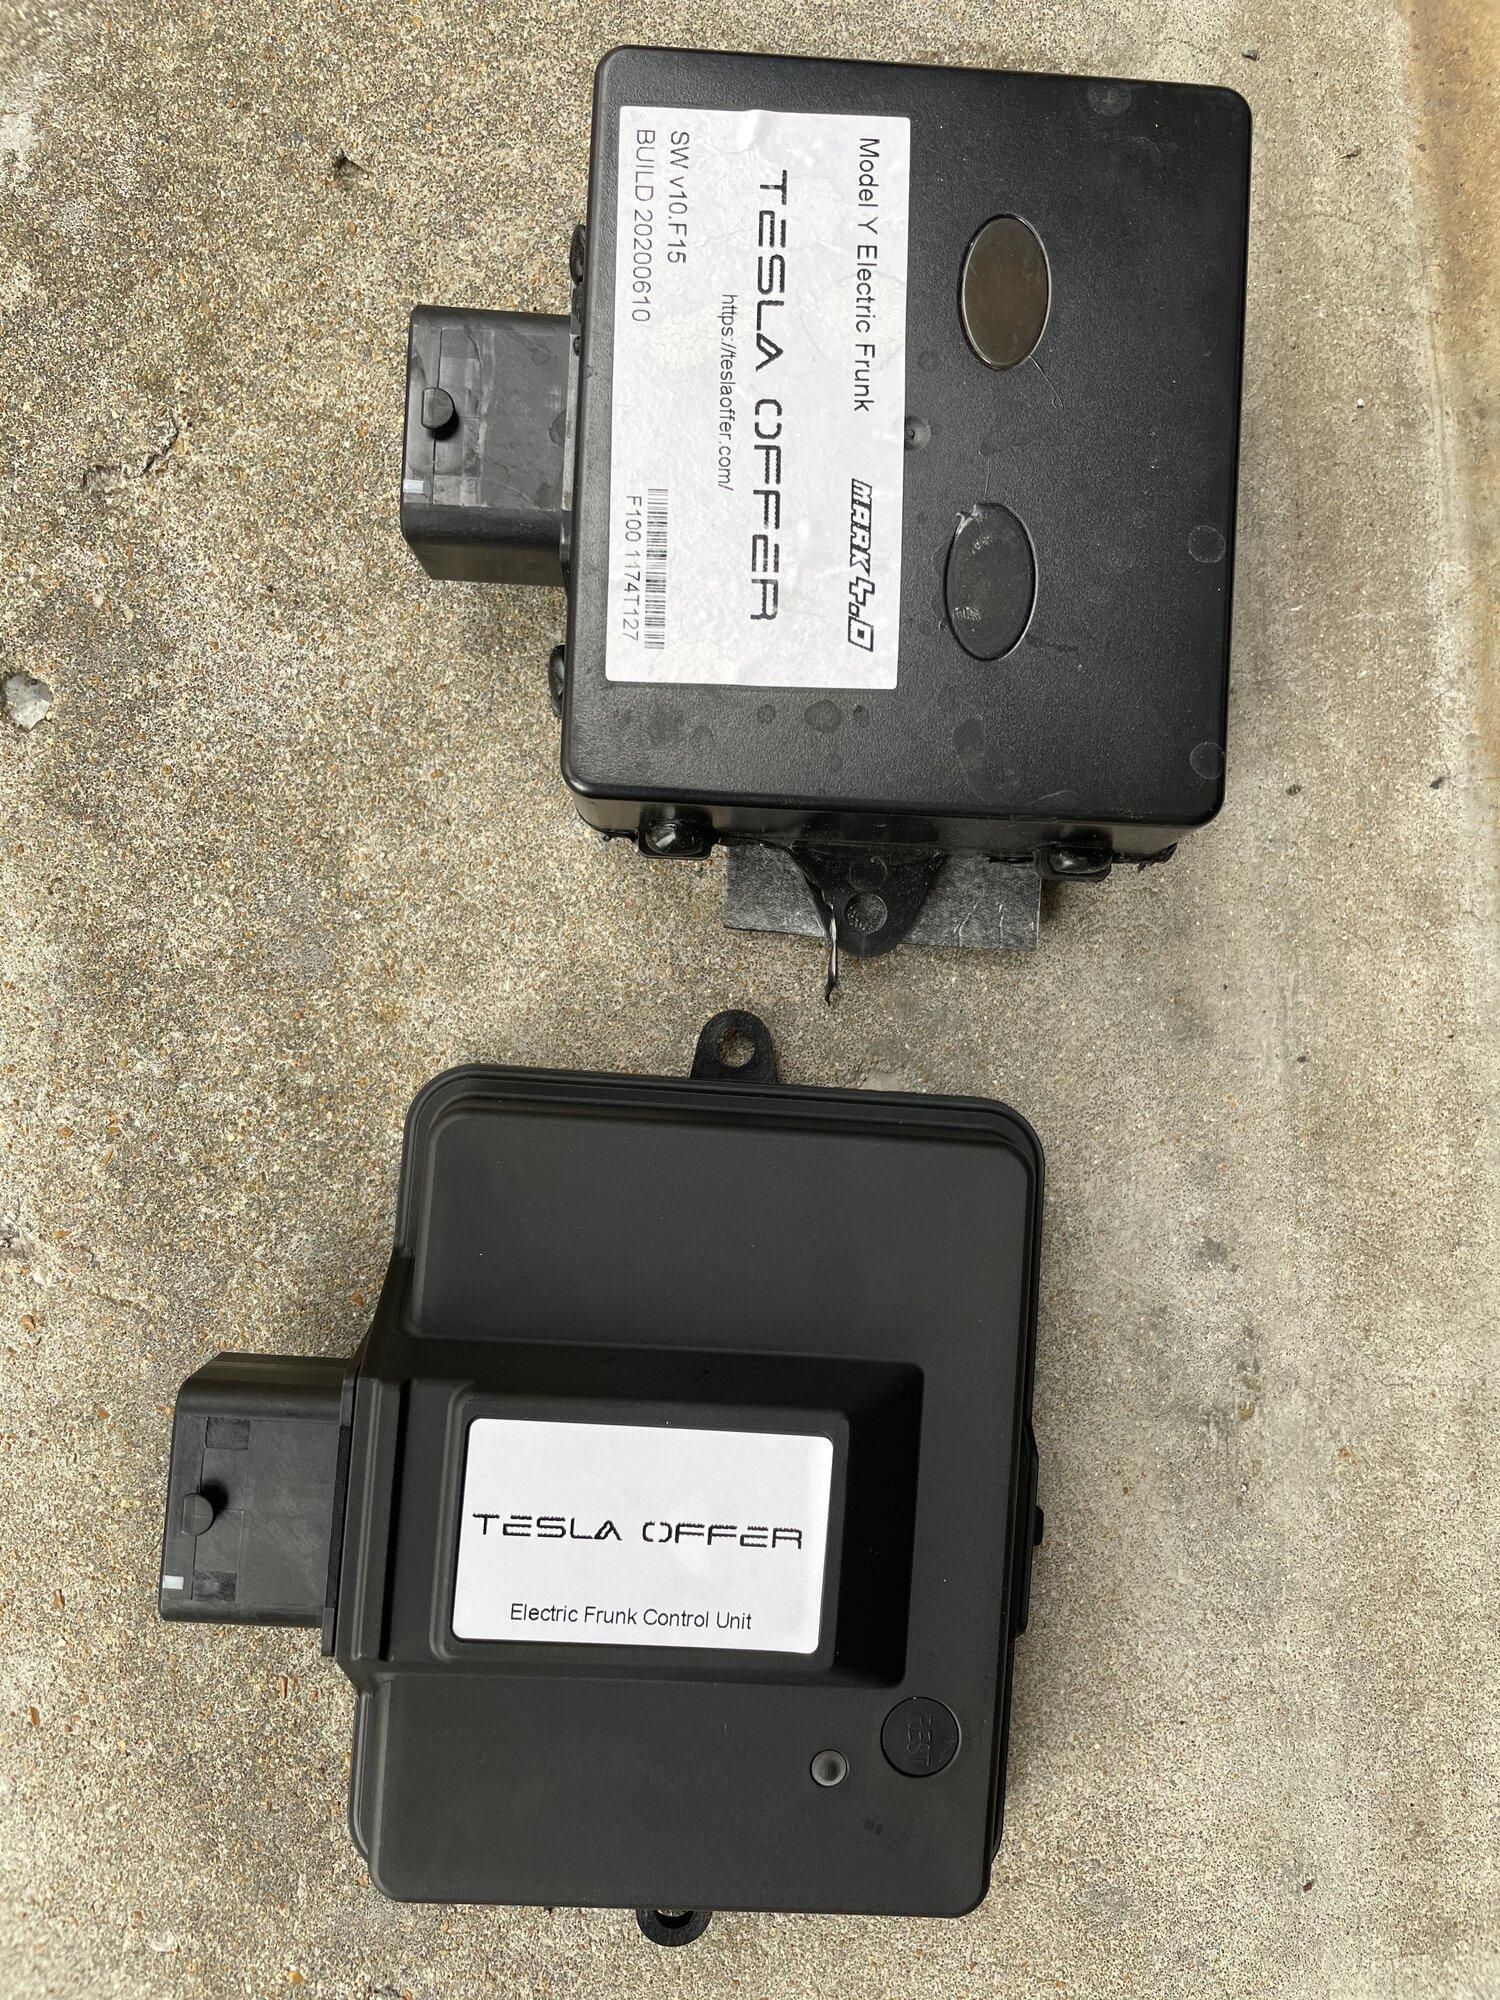 1D05253D-8DDA-4C5B-98B9-BD057AEA85BD.jpeg